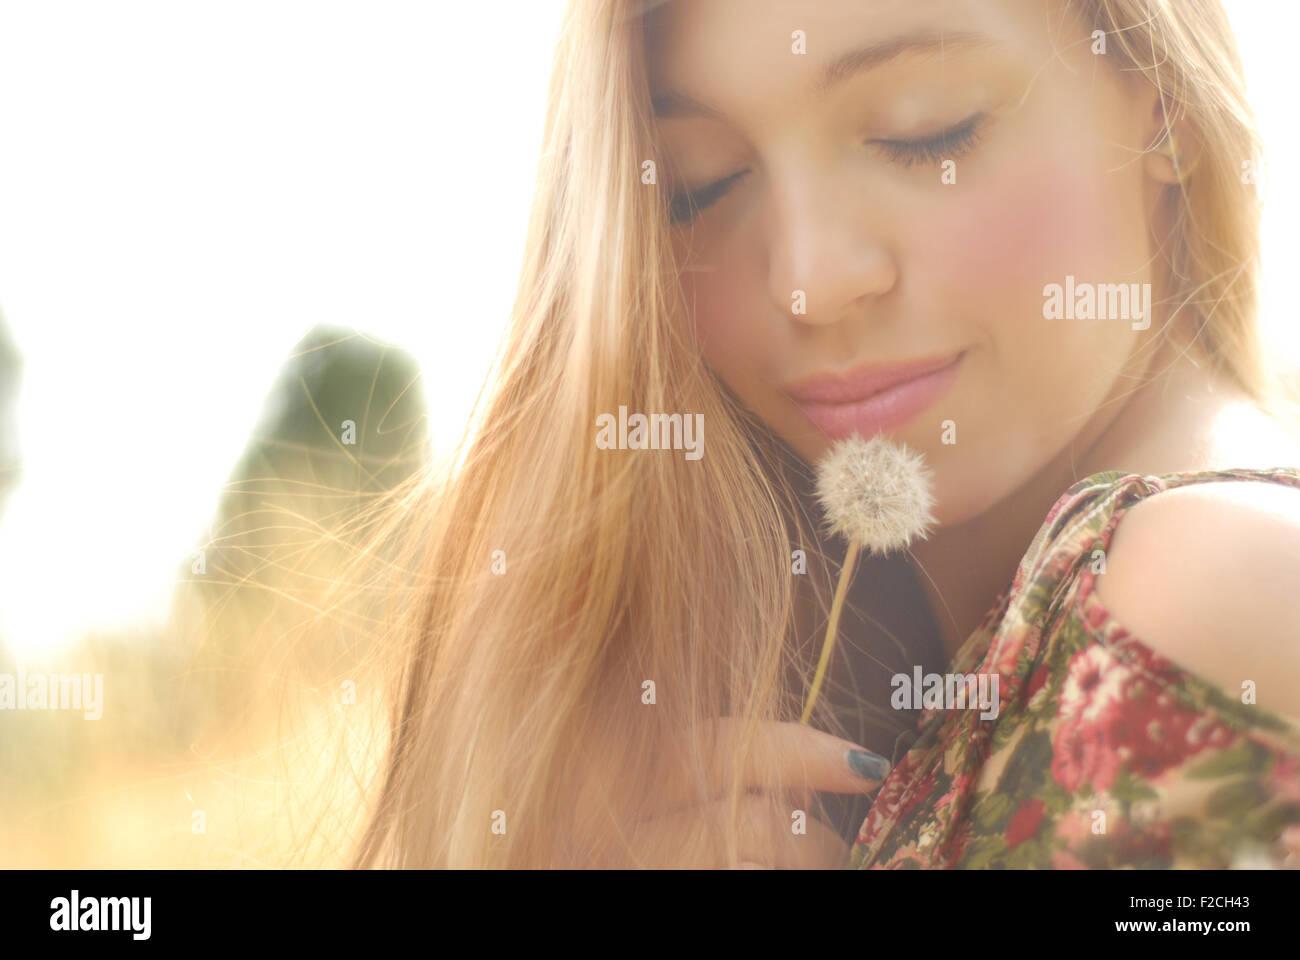 Bela loira no exterior com Dandelion menina com bela pele e rosto linda rapariga no amor Imagens de Stock